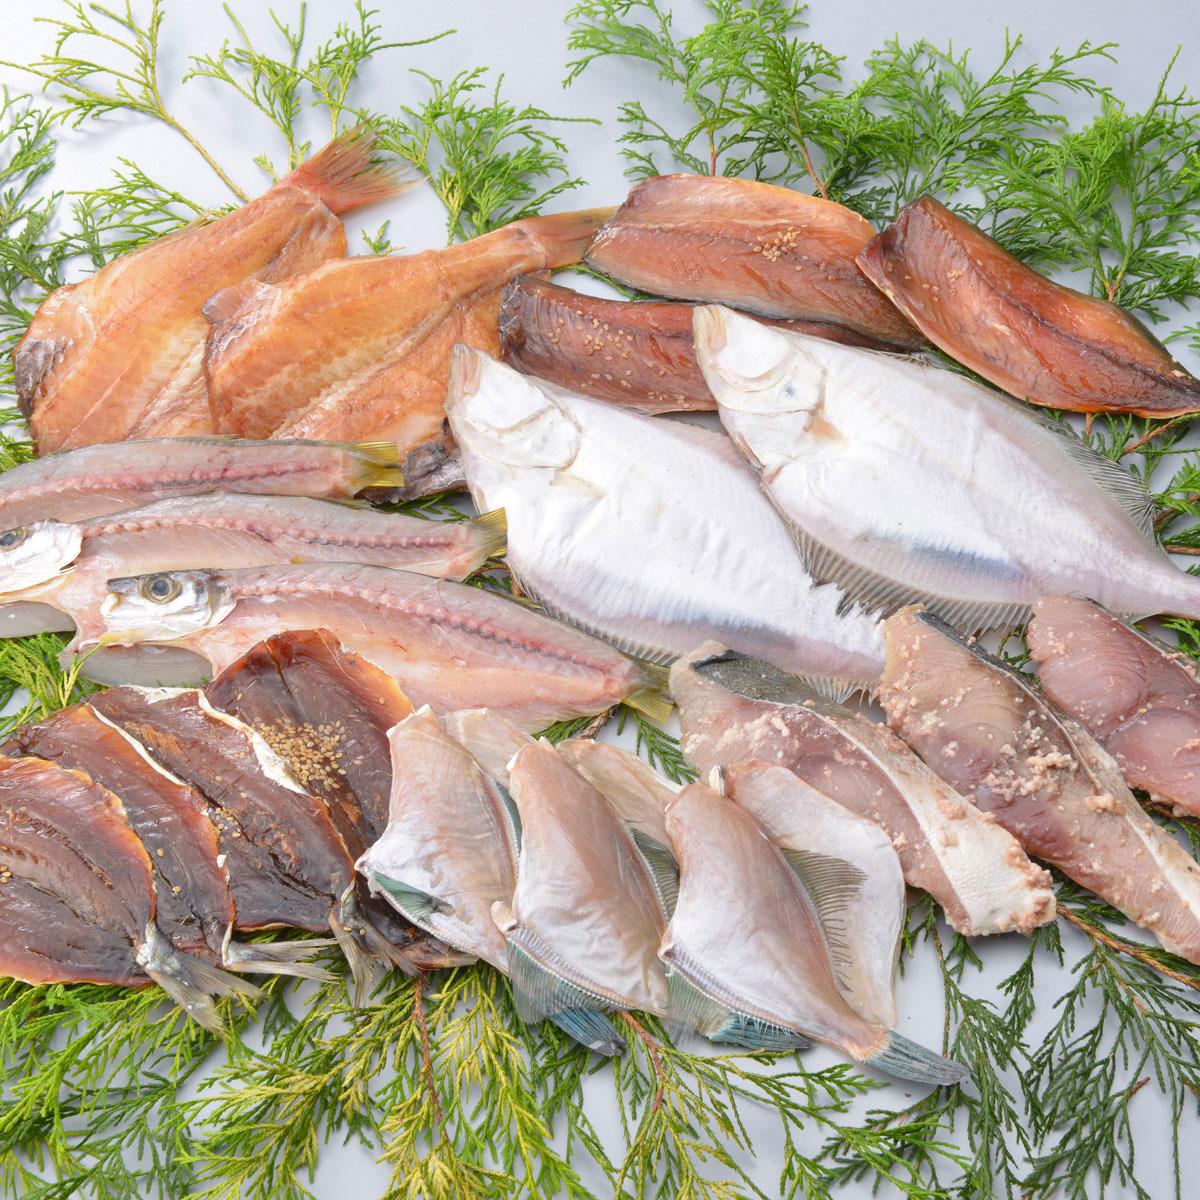 魚介類 水産加工品 セット 詰め合わせ 干物能登の豊かな漁場で水揚げされた旬の魚を使用した手作りの干物です ふるさと納税 能登の朝どれ 魚 贈答 新作 鮮魚 干物セット 在庫限り いきいき七尾魚 ギフト